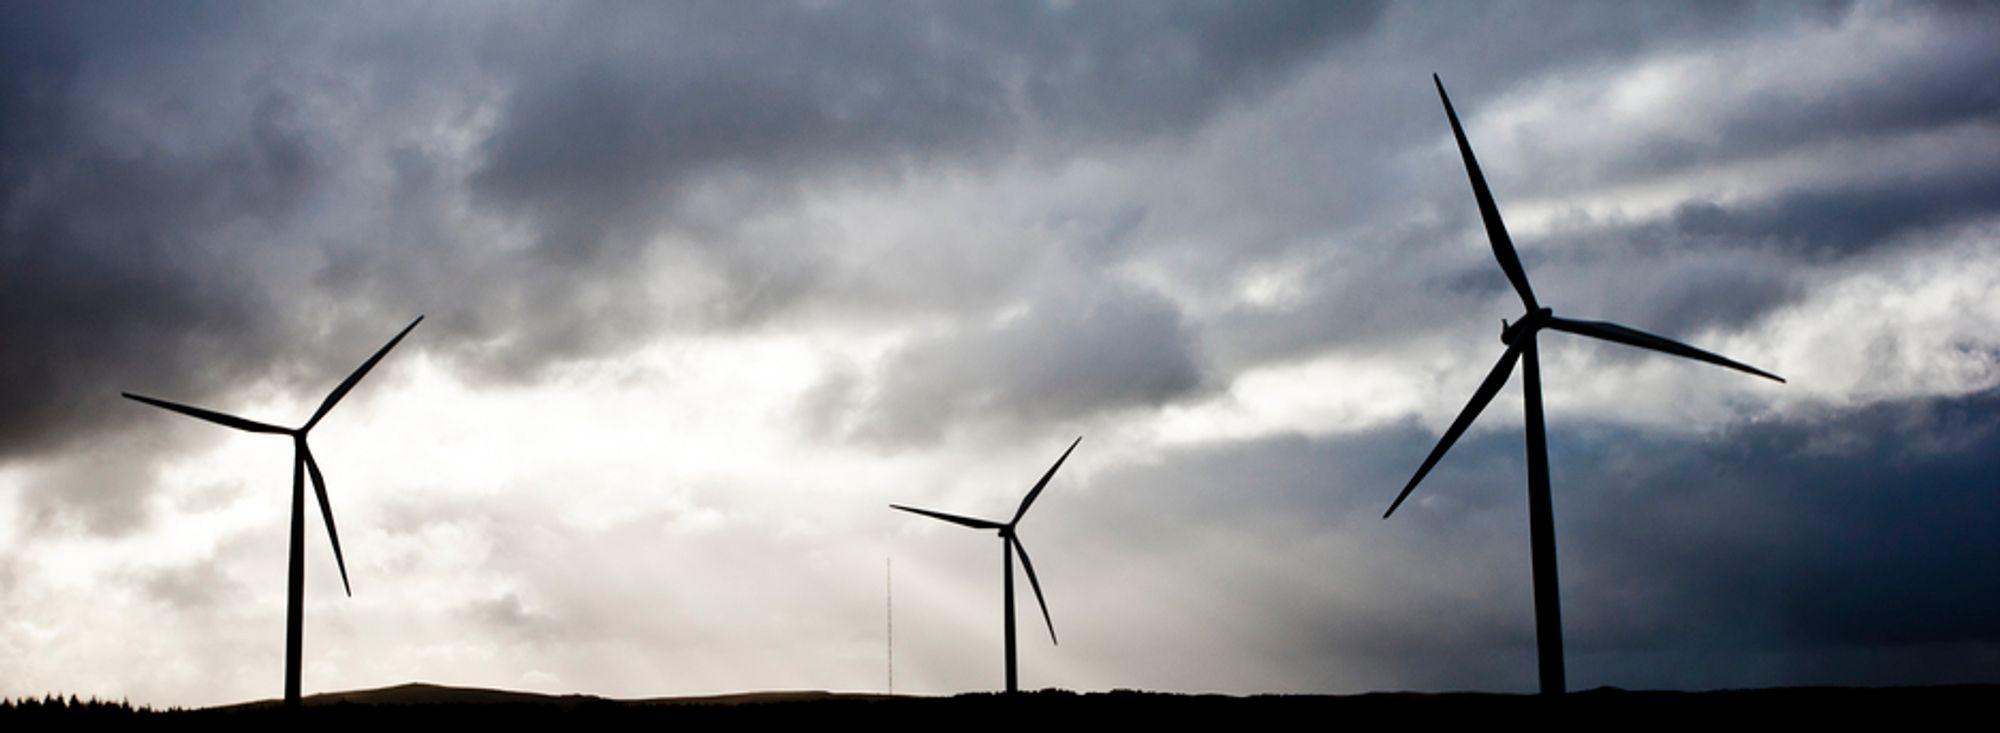 Treg saksbehandling av vindkraft: Kan flytte utbygging til Sverige